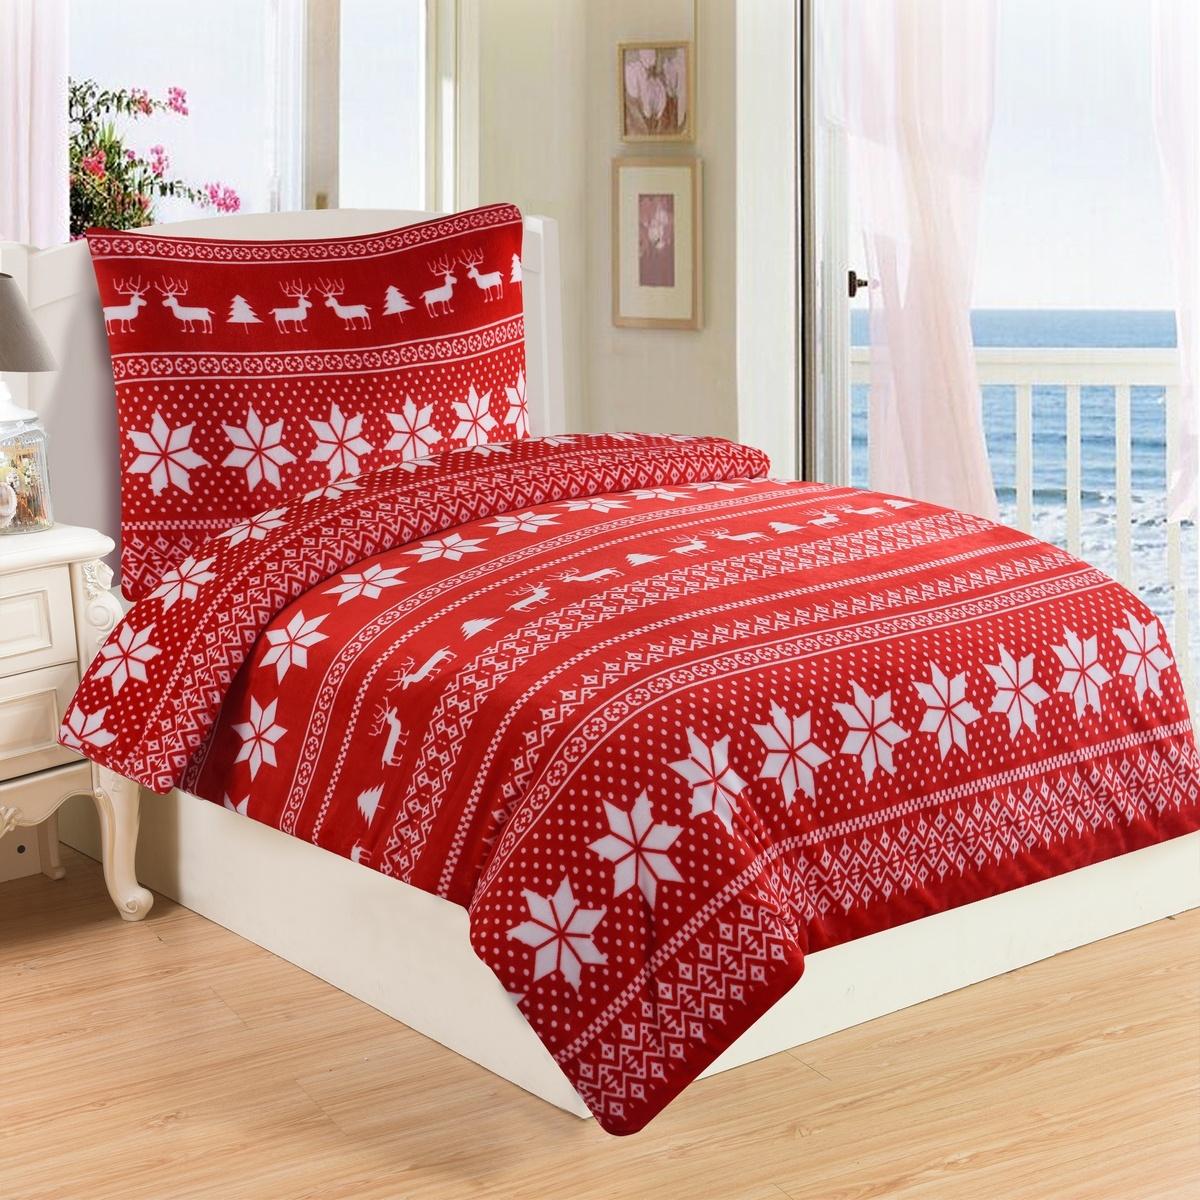 Jahu Povlečeni mikroplyš Winter červená, 140 x 200 cm, 70 x 90 cm